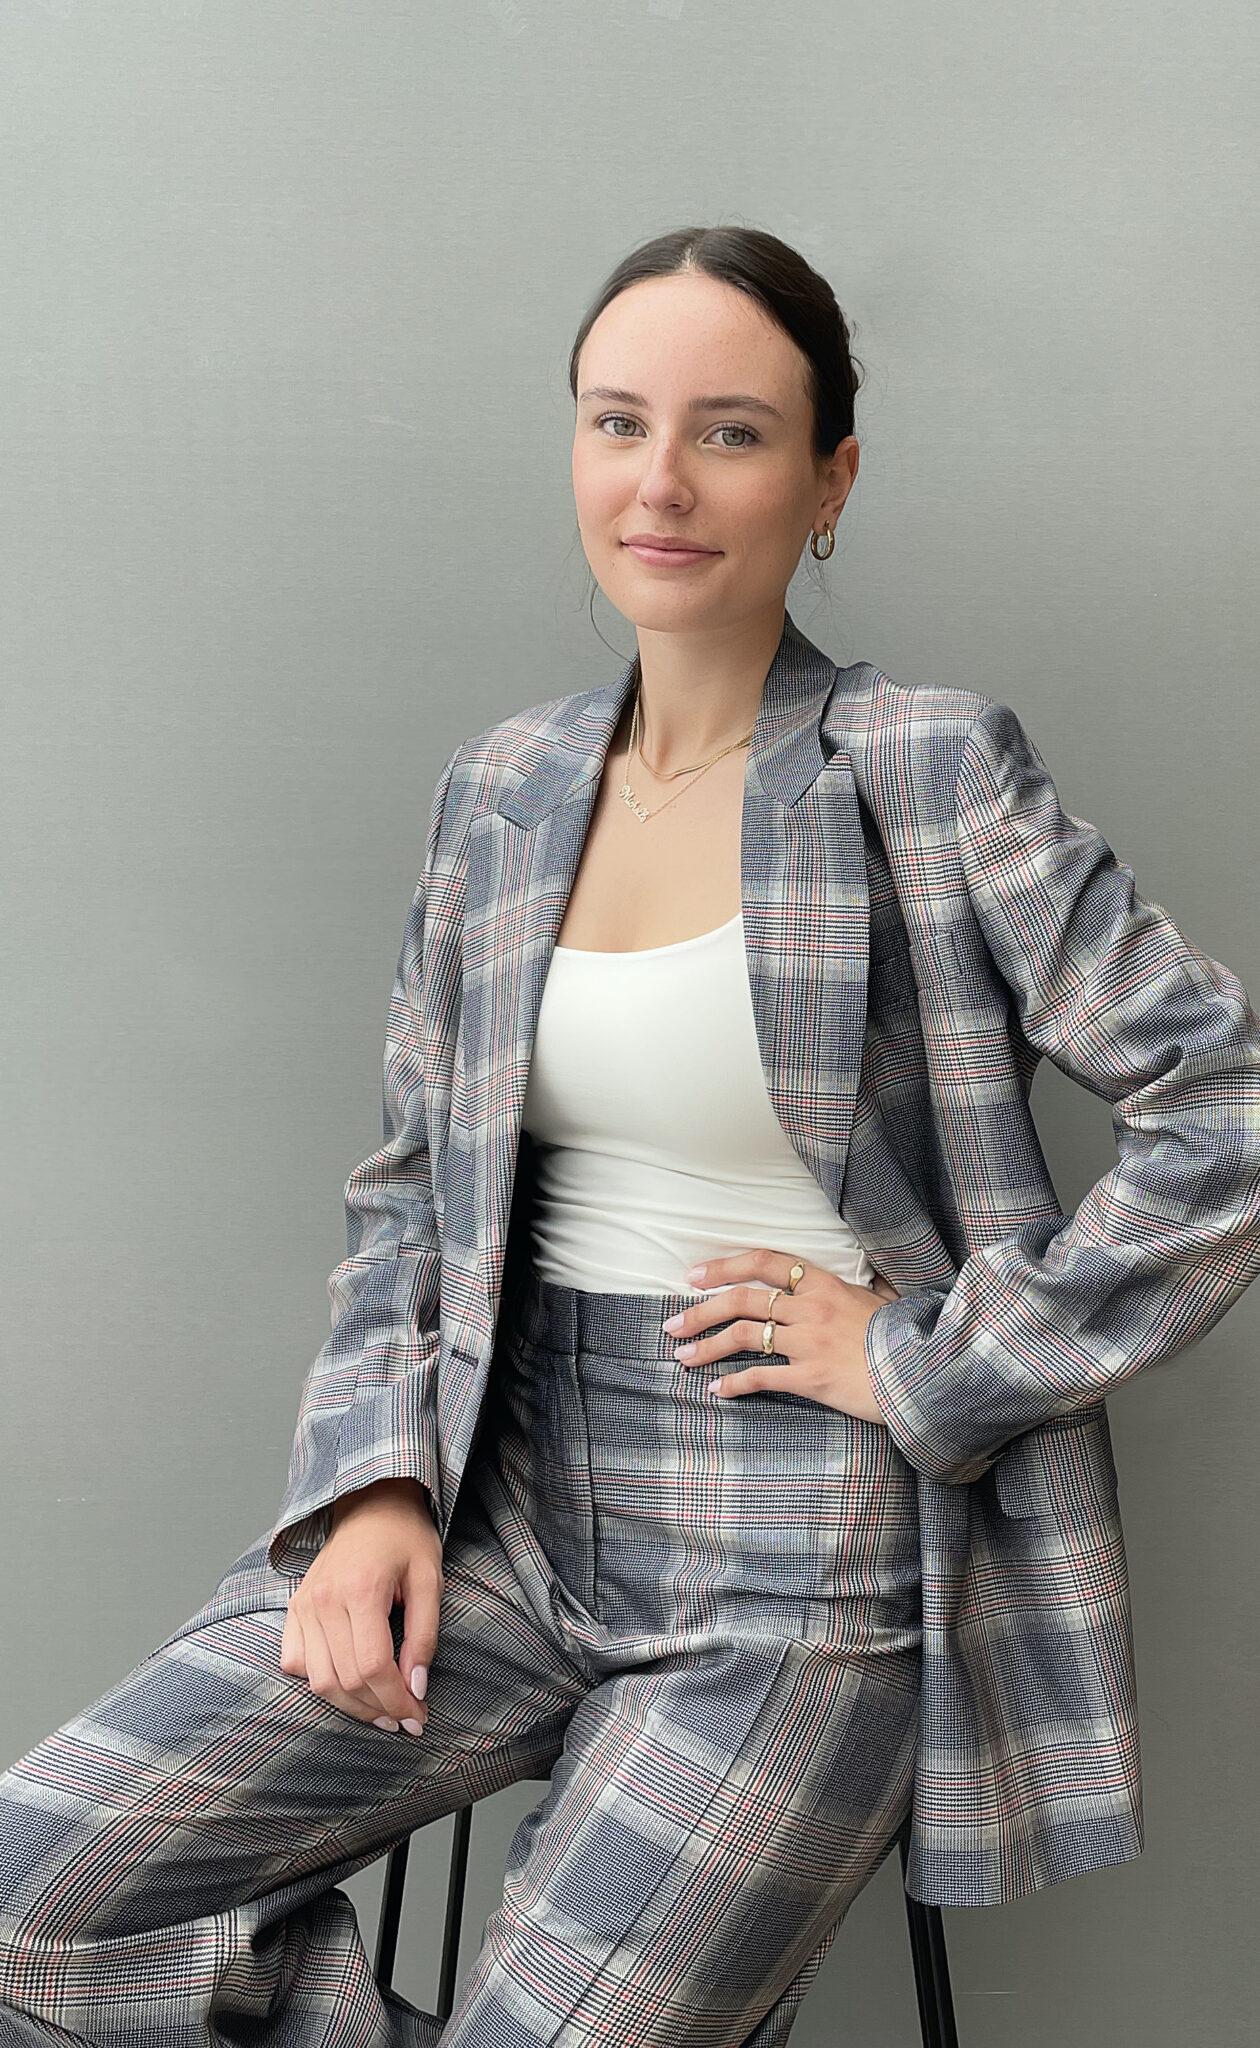 Michelle Watteel